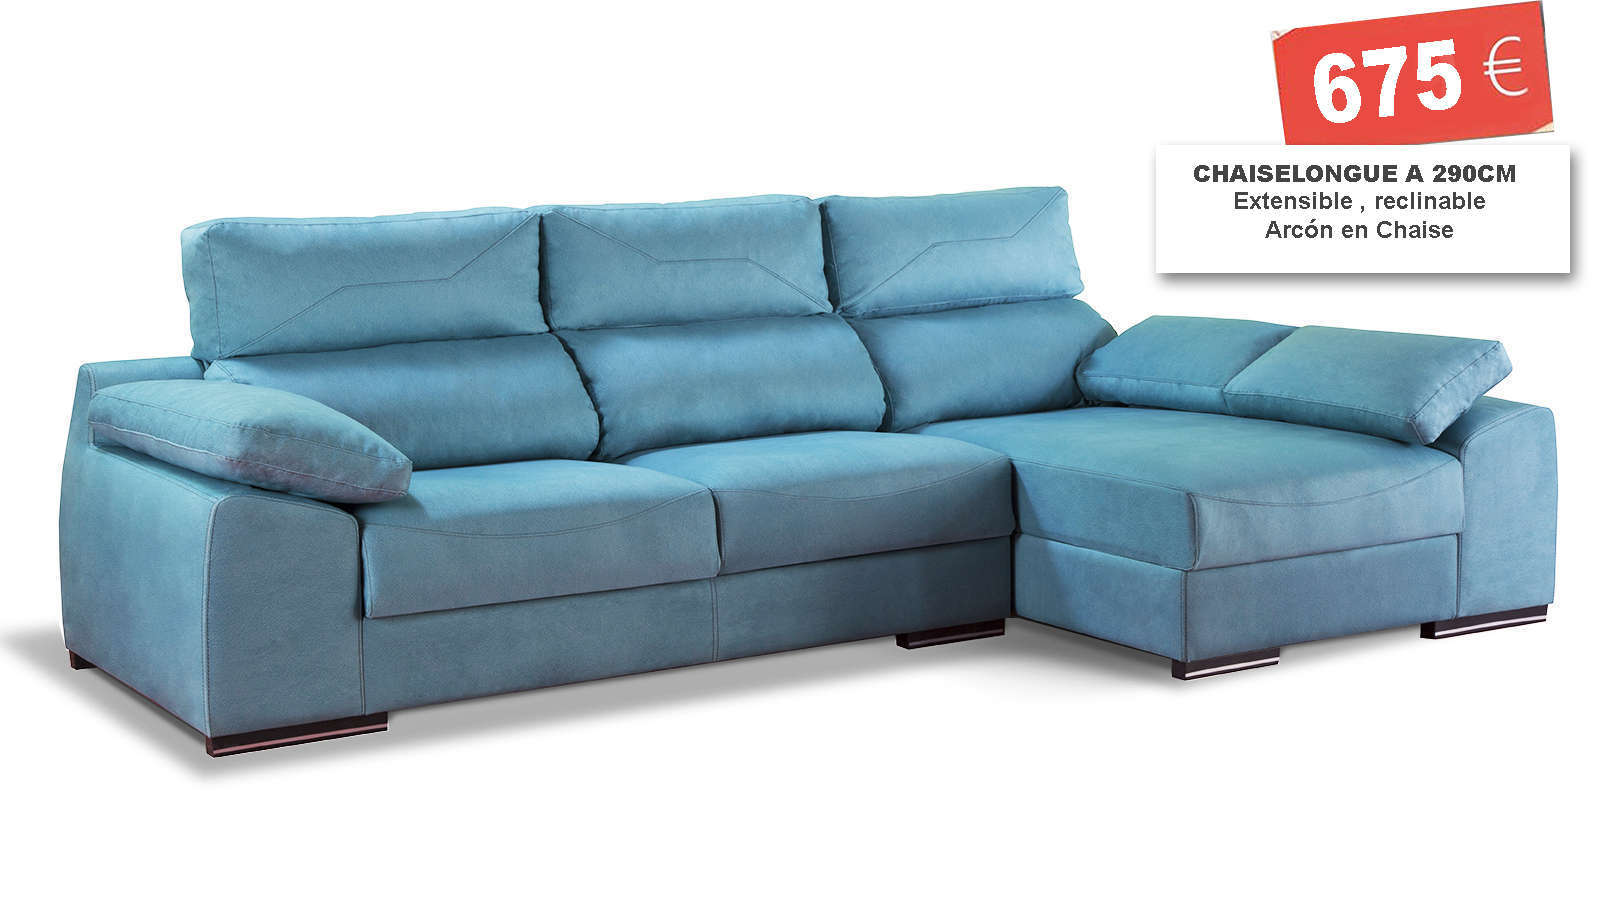 Muebles de forja en valencia perfect siguiente with for Muebles de forja baratos